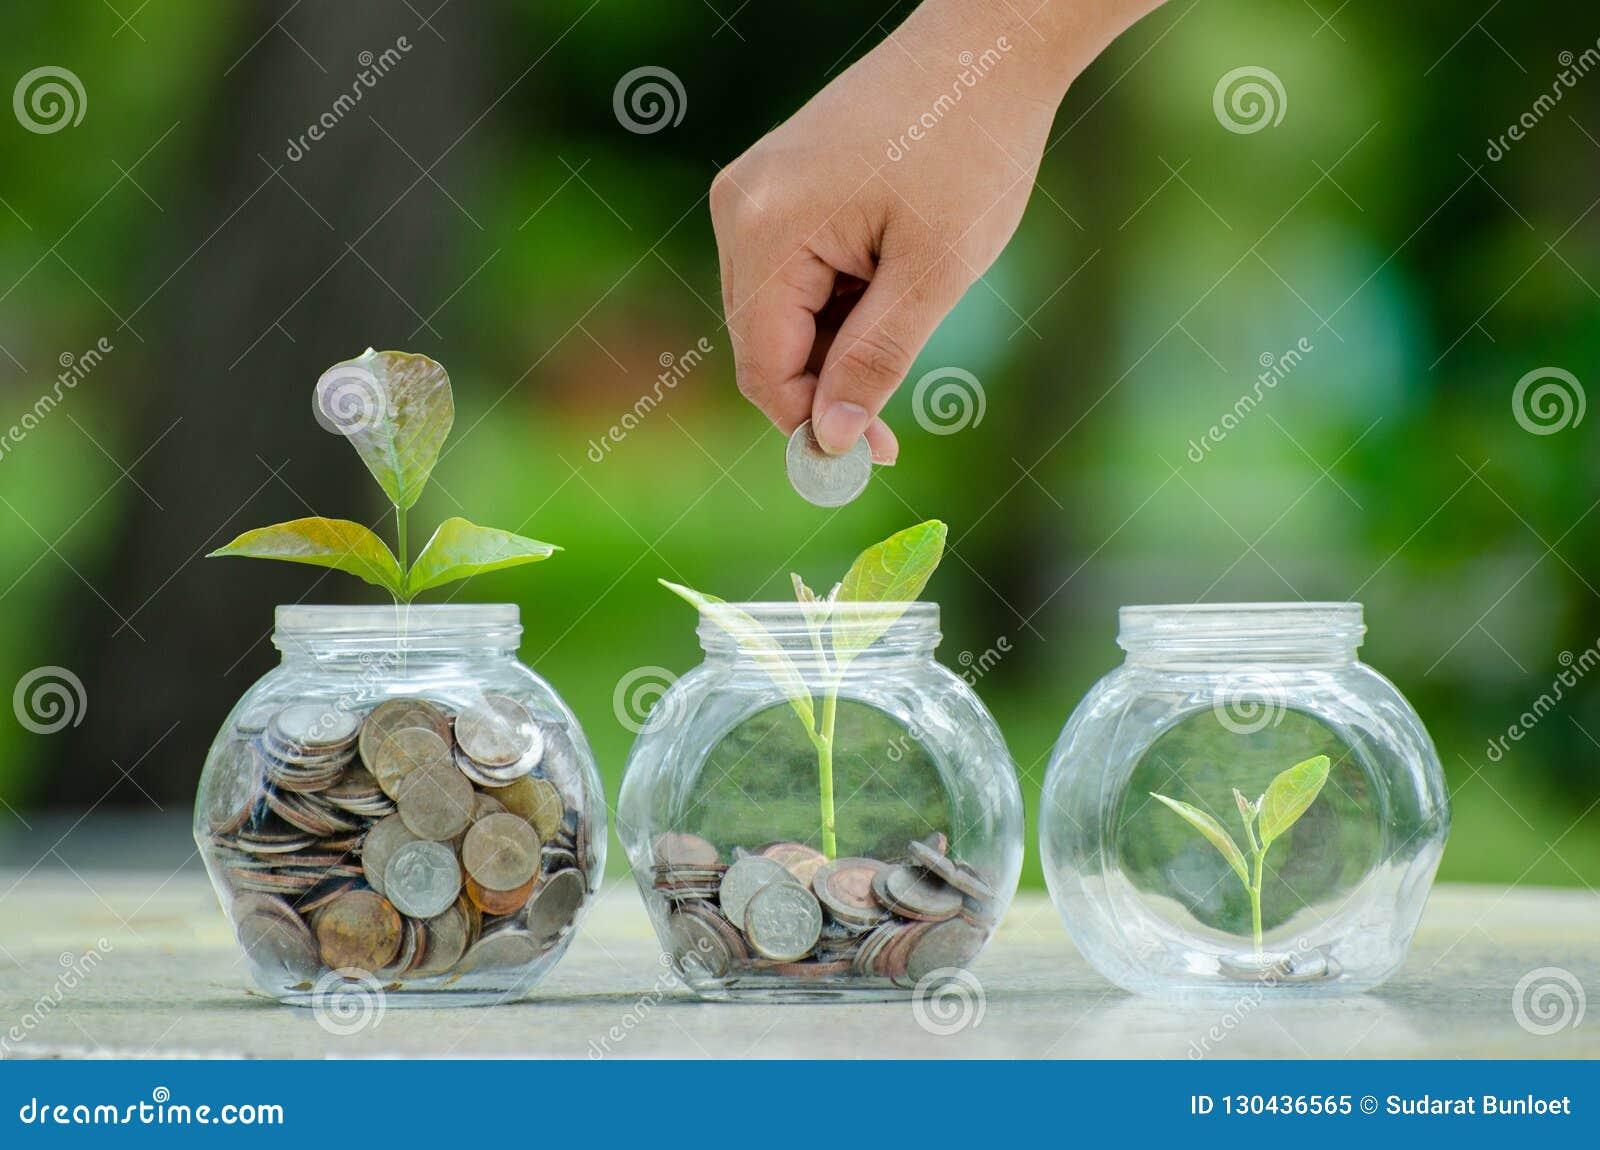 Menniczy drzewny Szklany słój rośliny dorośnięcie od monet na zewnątrz szklanego słoju pieniądze inwestycji i oszczędzania pienię